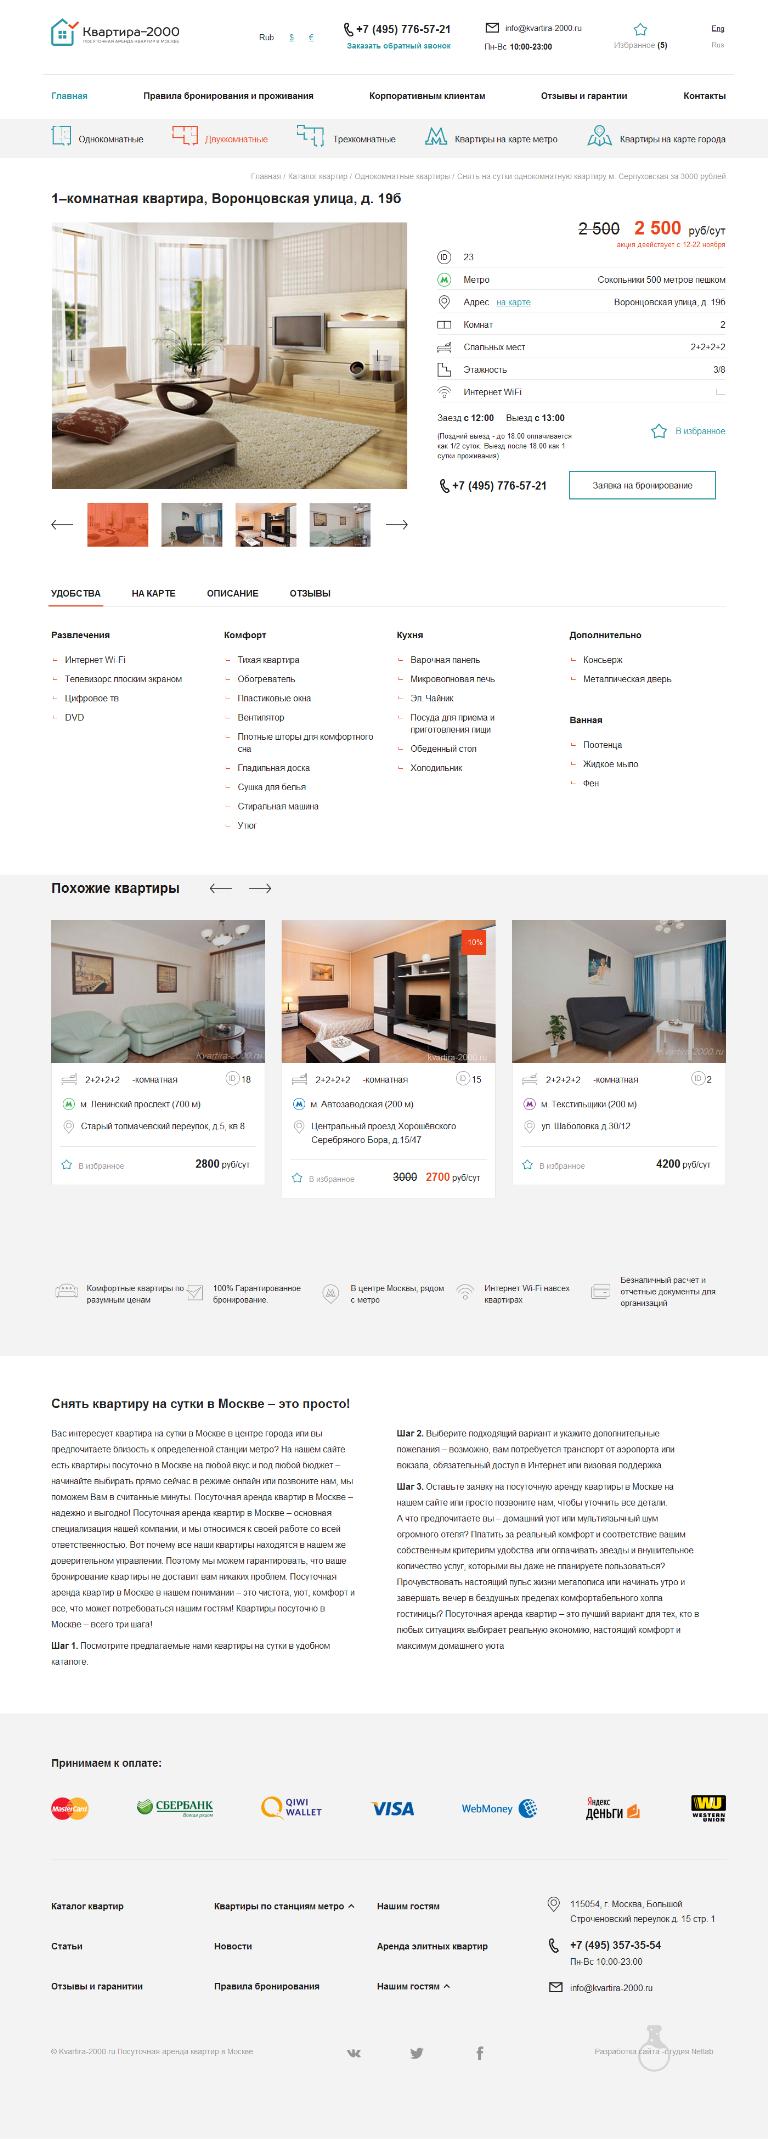 Квартира-2000 - верстка каталог вторичной недвижимости